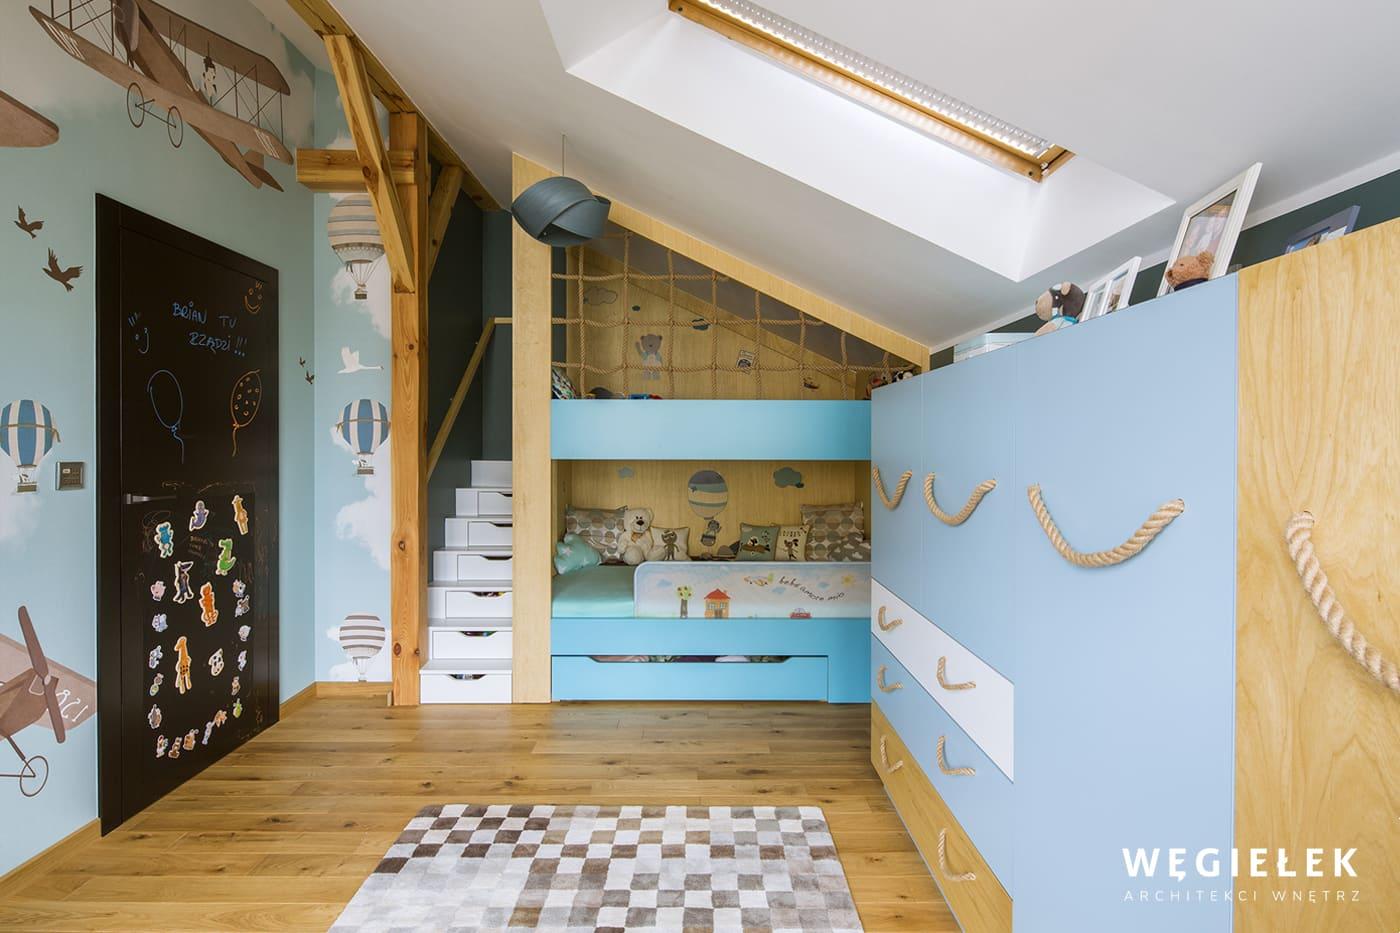 Architekci wnętrz pamiętają też o najmłodszych mieszkańcach. Ta propozycja może się podobać ze względu na kolorystykę, elementy marynistyczne i drewniane.